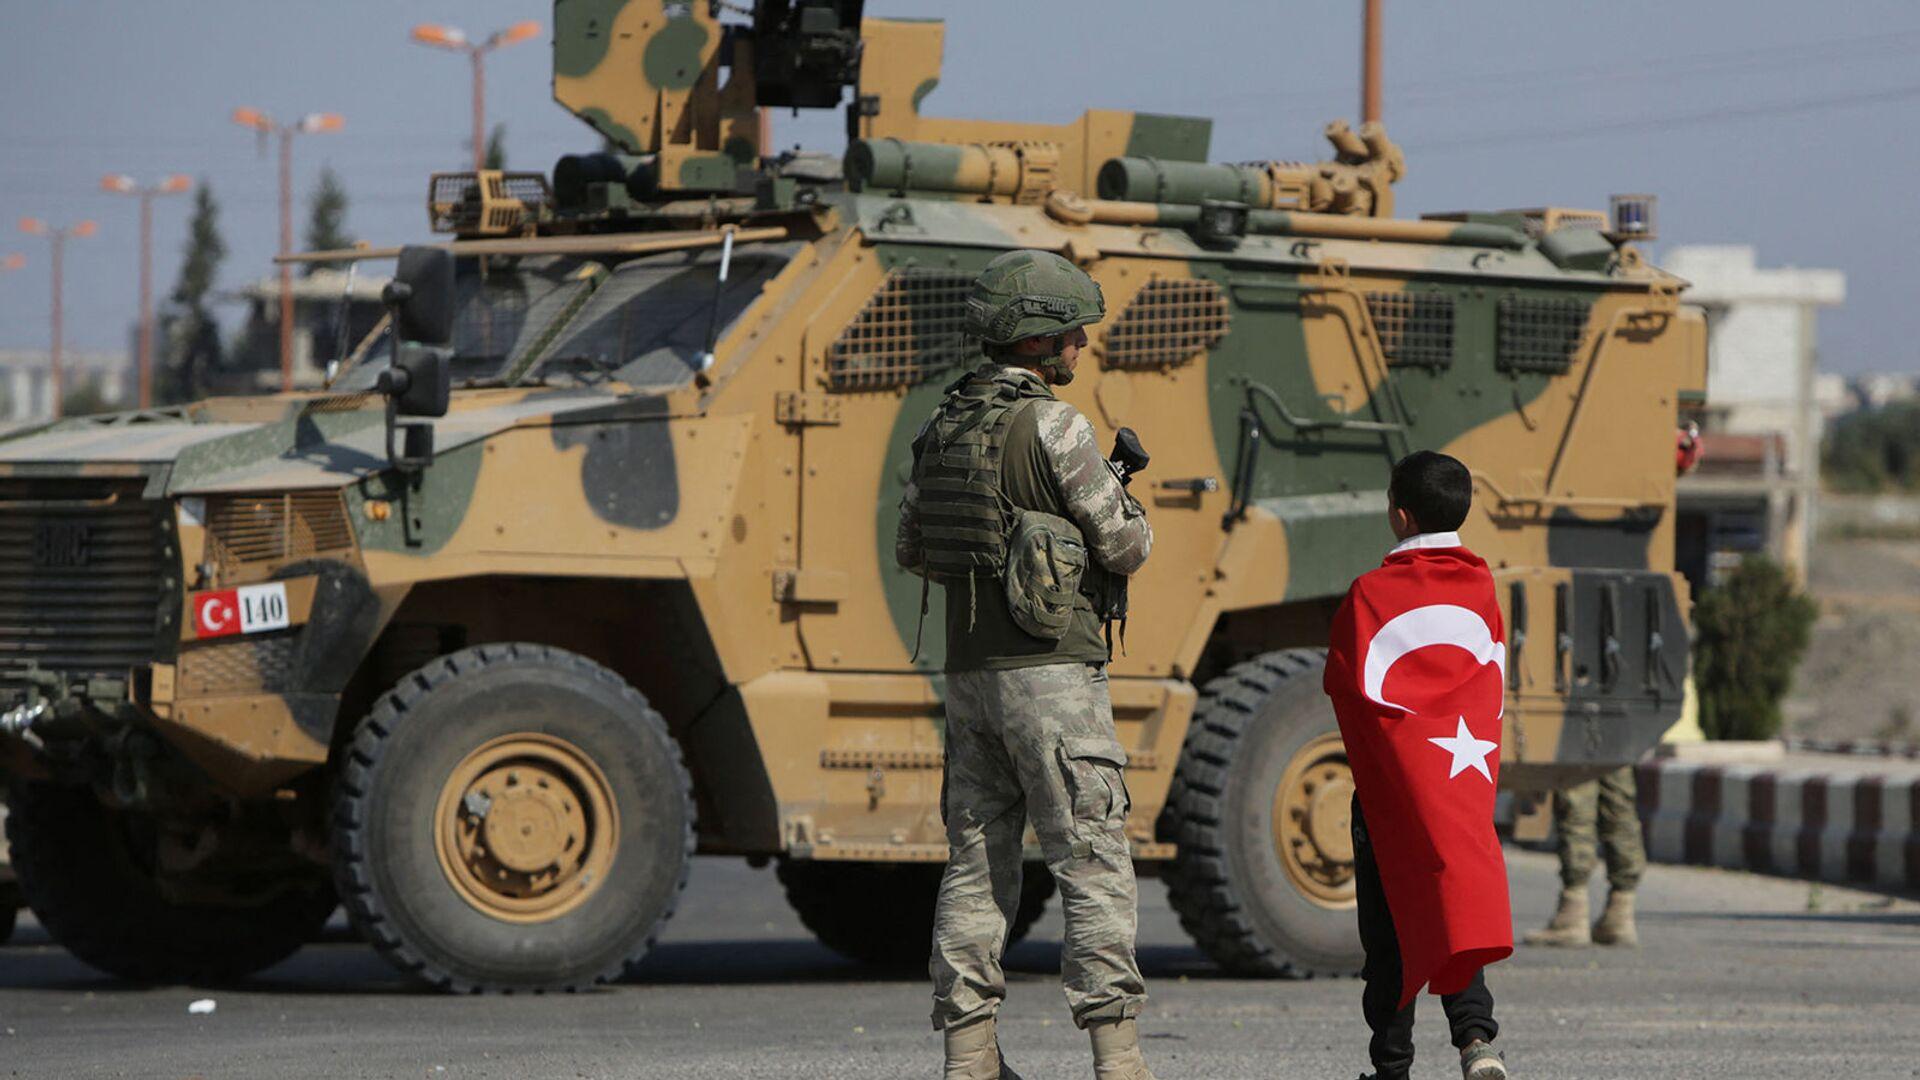 Турецкие солдаты патрулируют у города Таль - Абьяд, расположенный на сирийско-турецкой границе (23 октября 2019). Сирия - Sputnik Армения, 1920, 18.09.2021